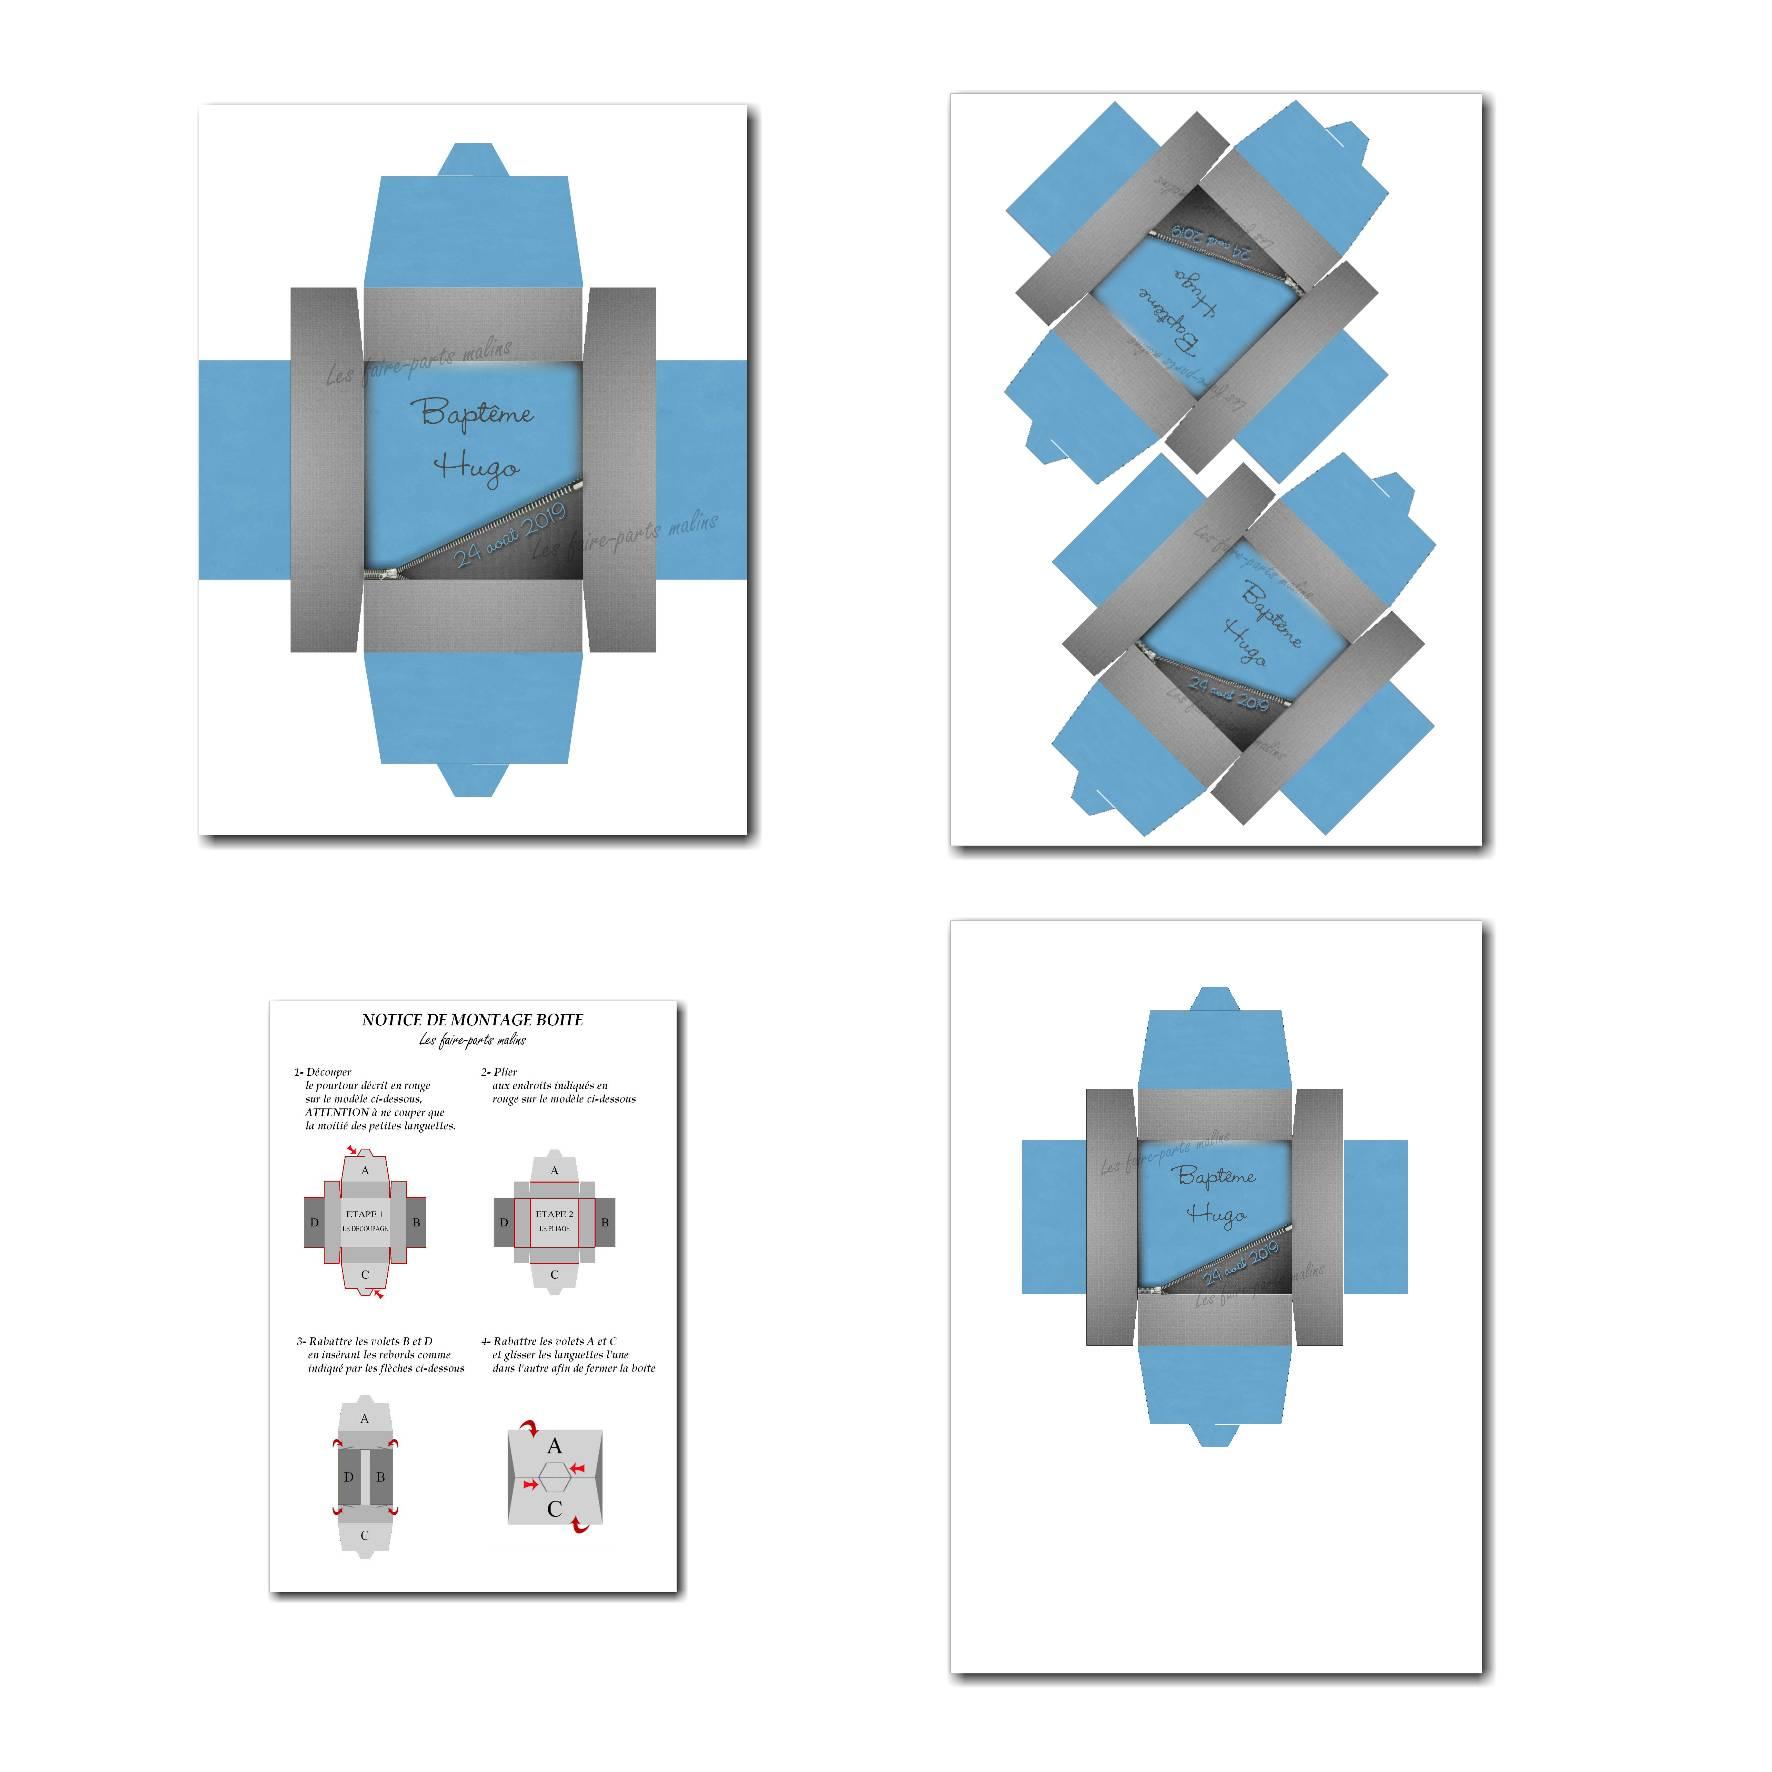 Boite à imprimer bleu et gris foncé